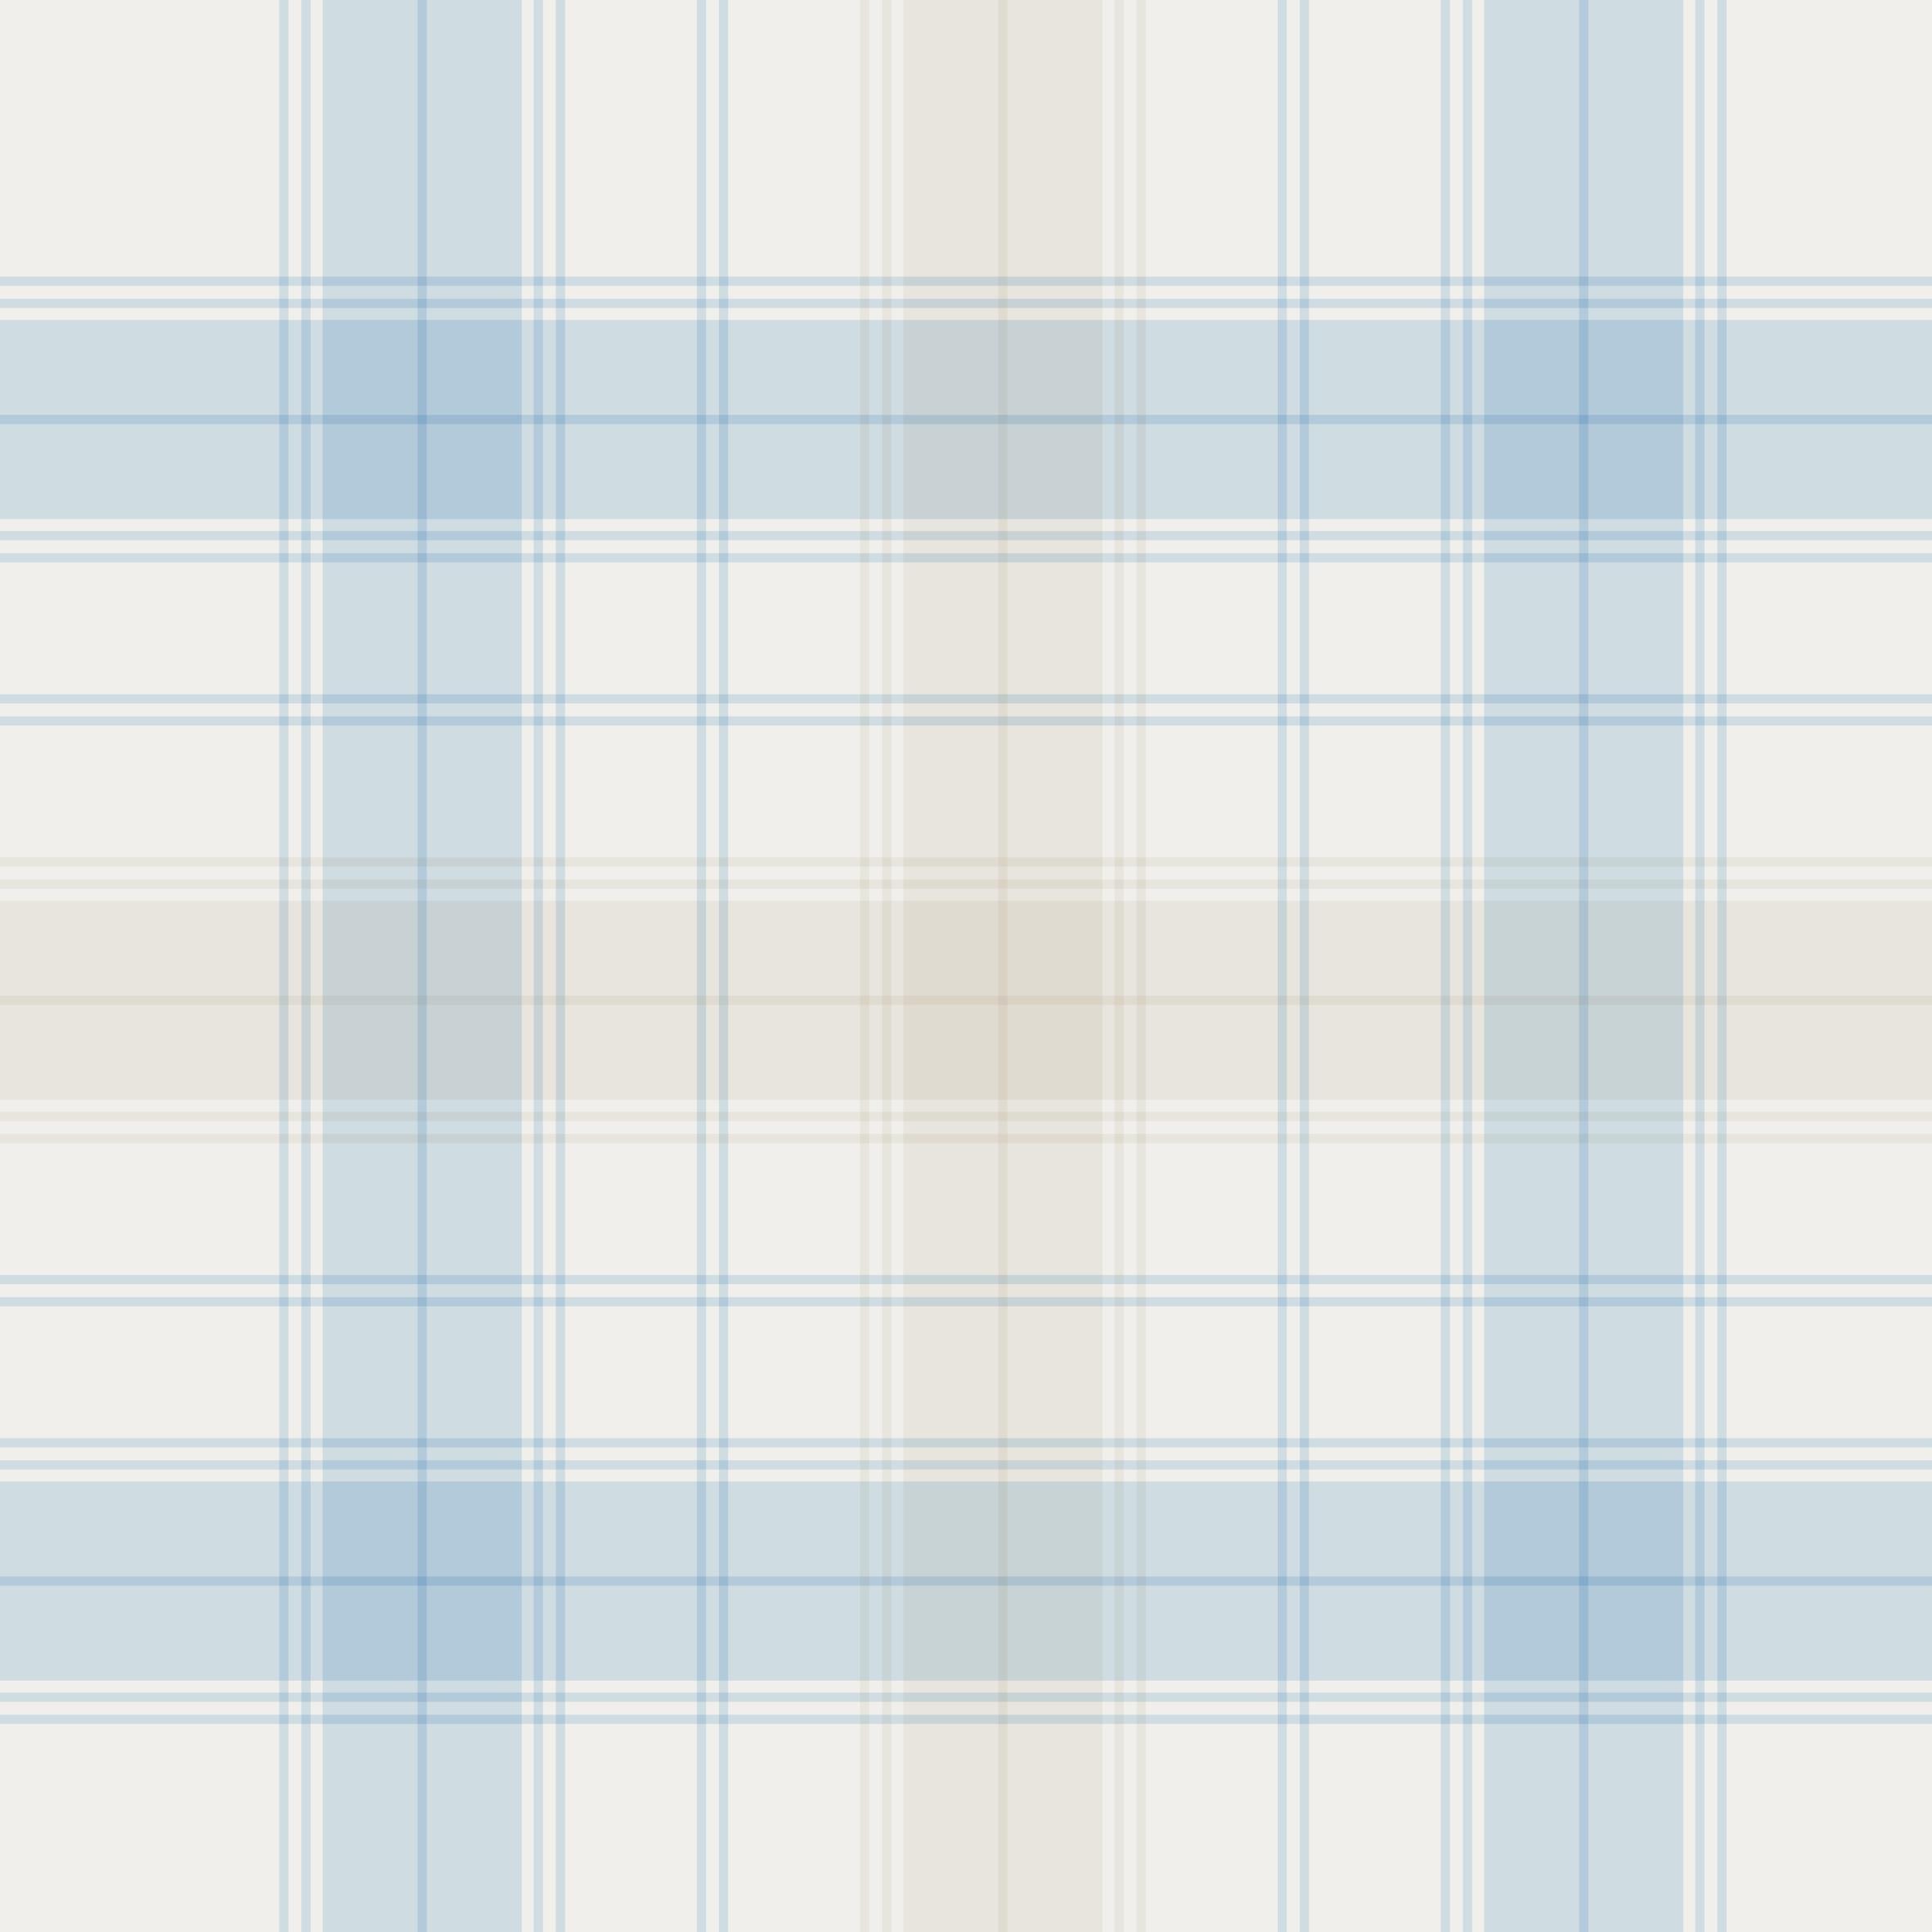 Papel de parede adesivo xadrez azul e bege eucolo - Paredes de papel ...